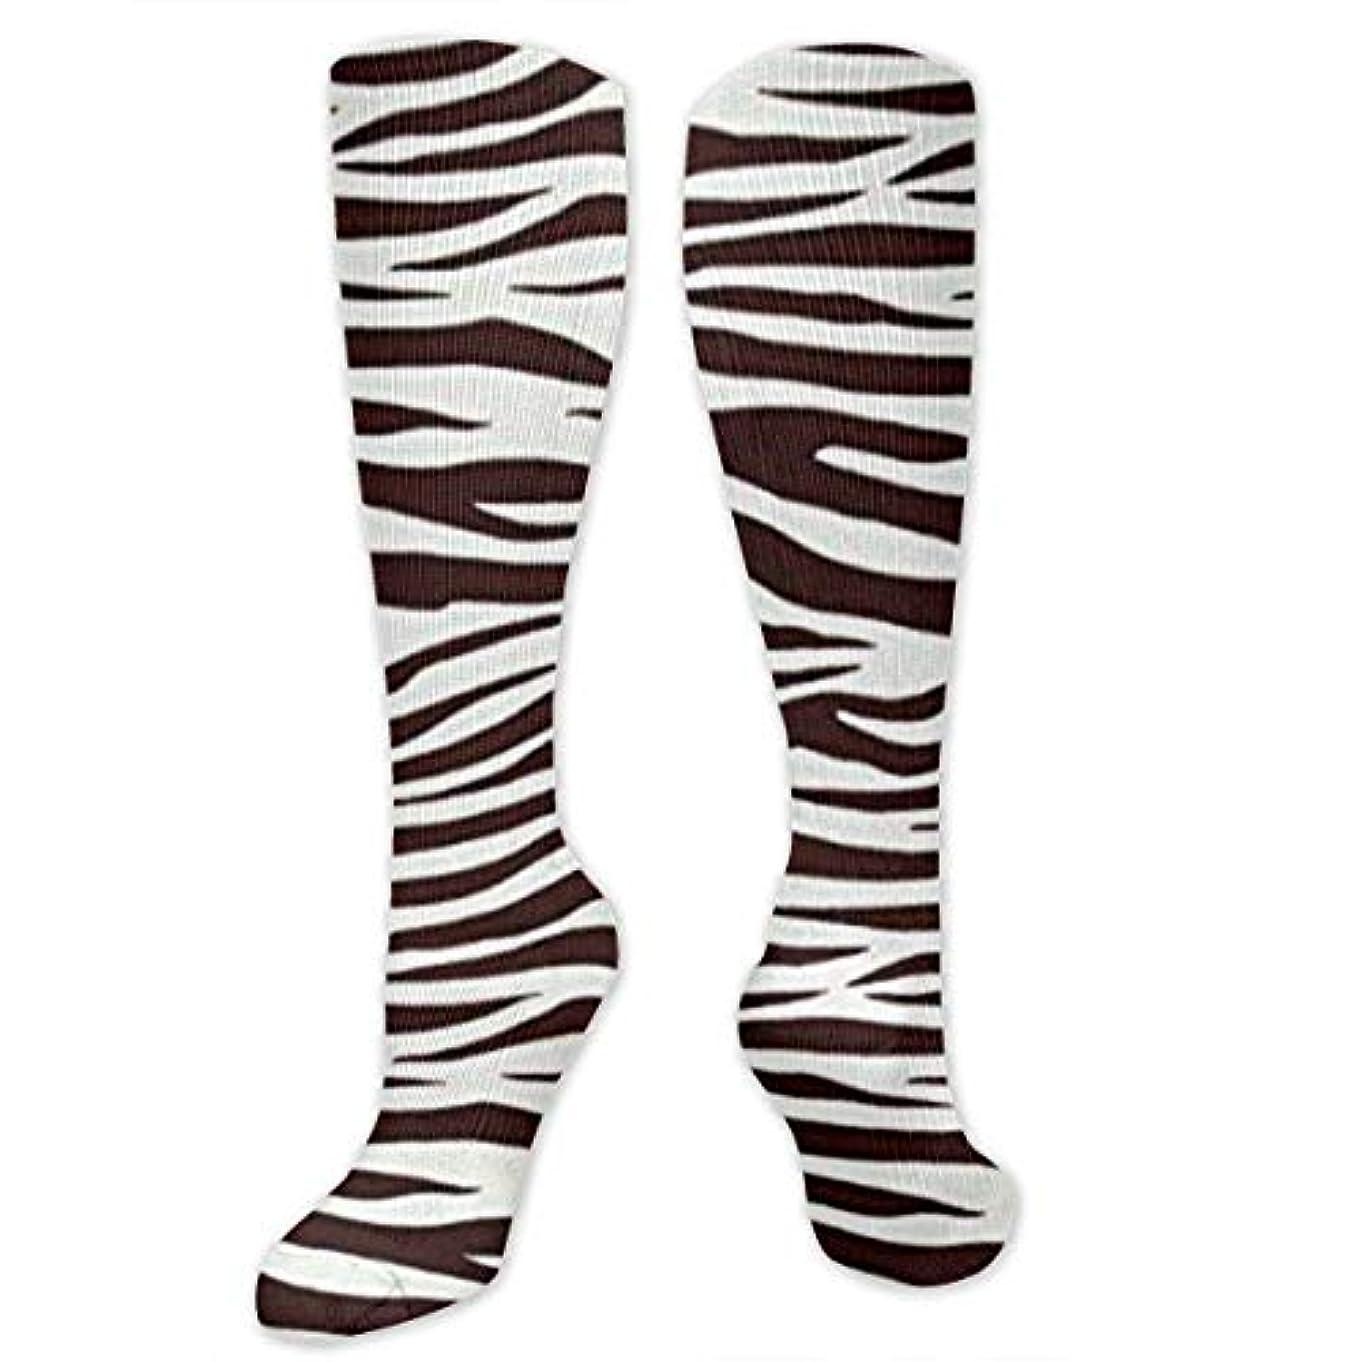 晩ごはん答えナラーバー靴下,ストッキング,野生のジョーカー,実際,秋の本質,冬必須,サマーウェア&RBXAA Metro Living Zebra Chocolate Socks Women's Winter Cotton Long Tube...